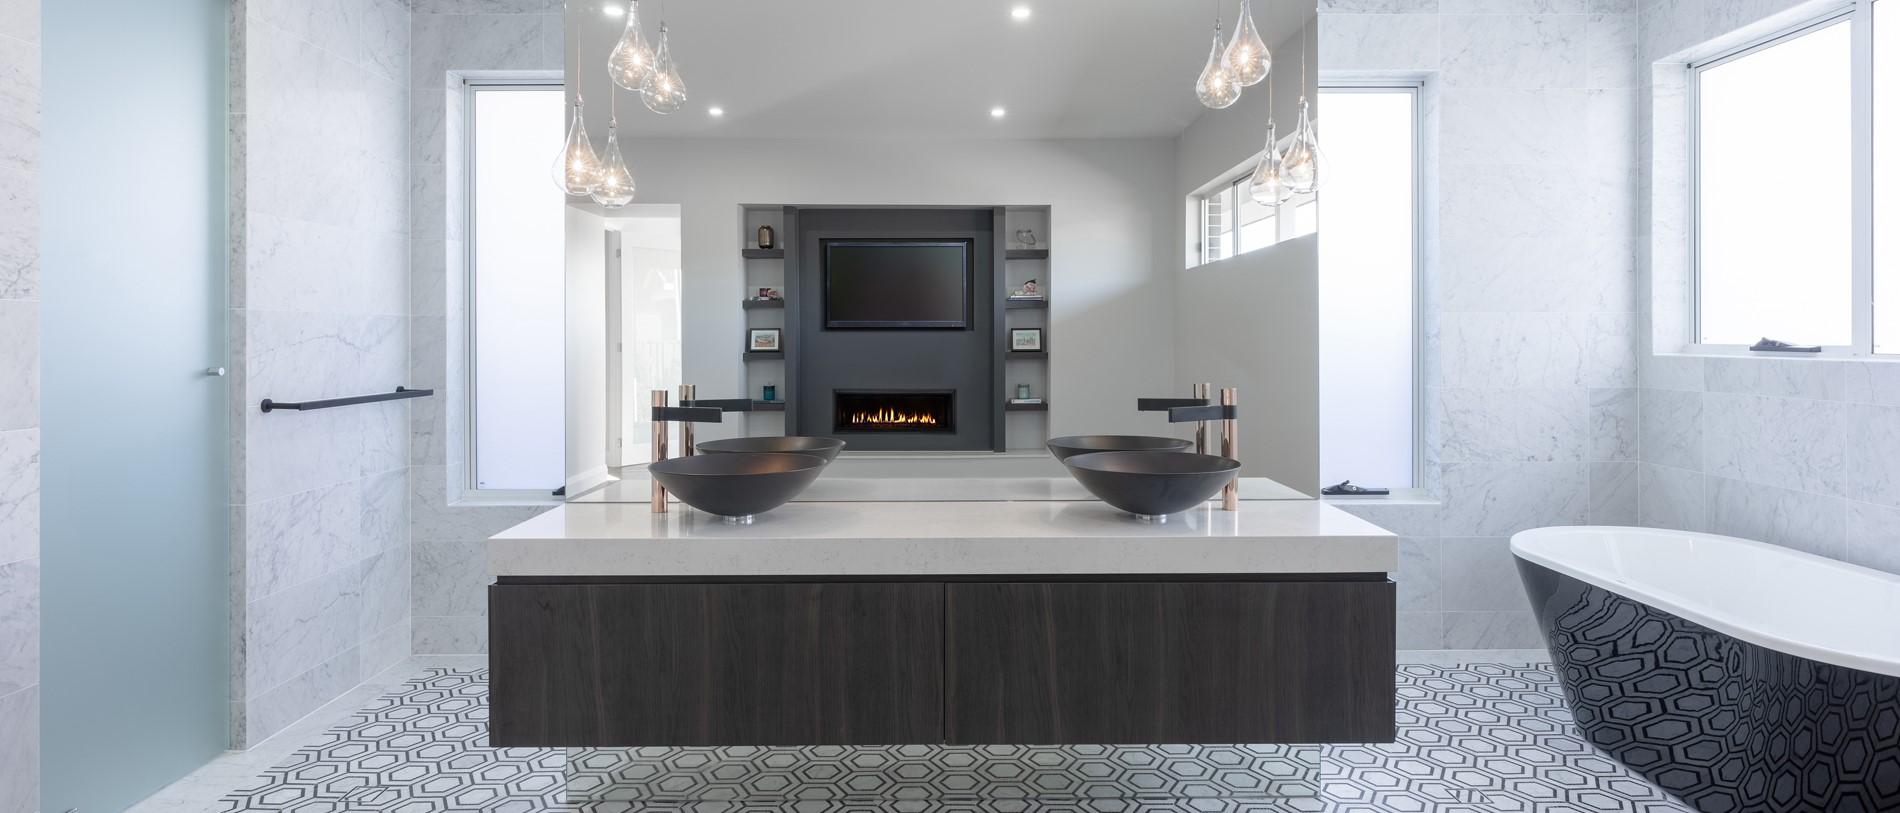 Smartstone Benchtop Sydney Bathroom Vanity Smartstone Amara (2)